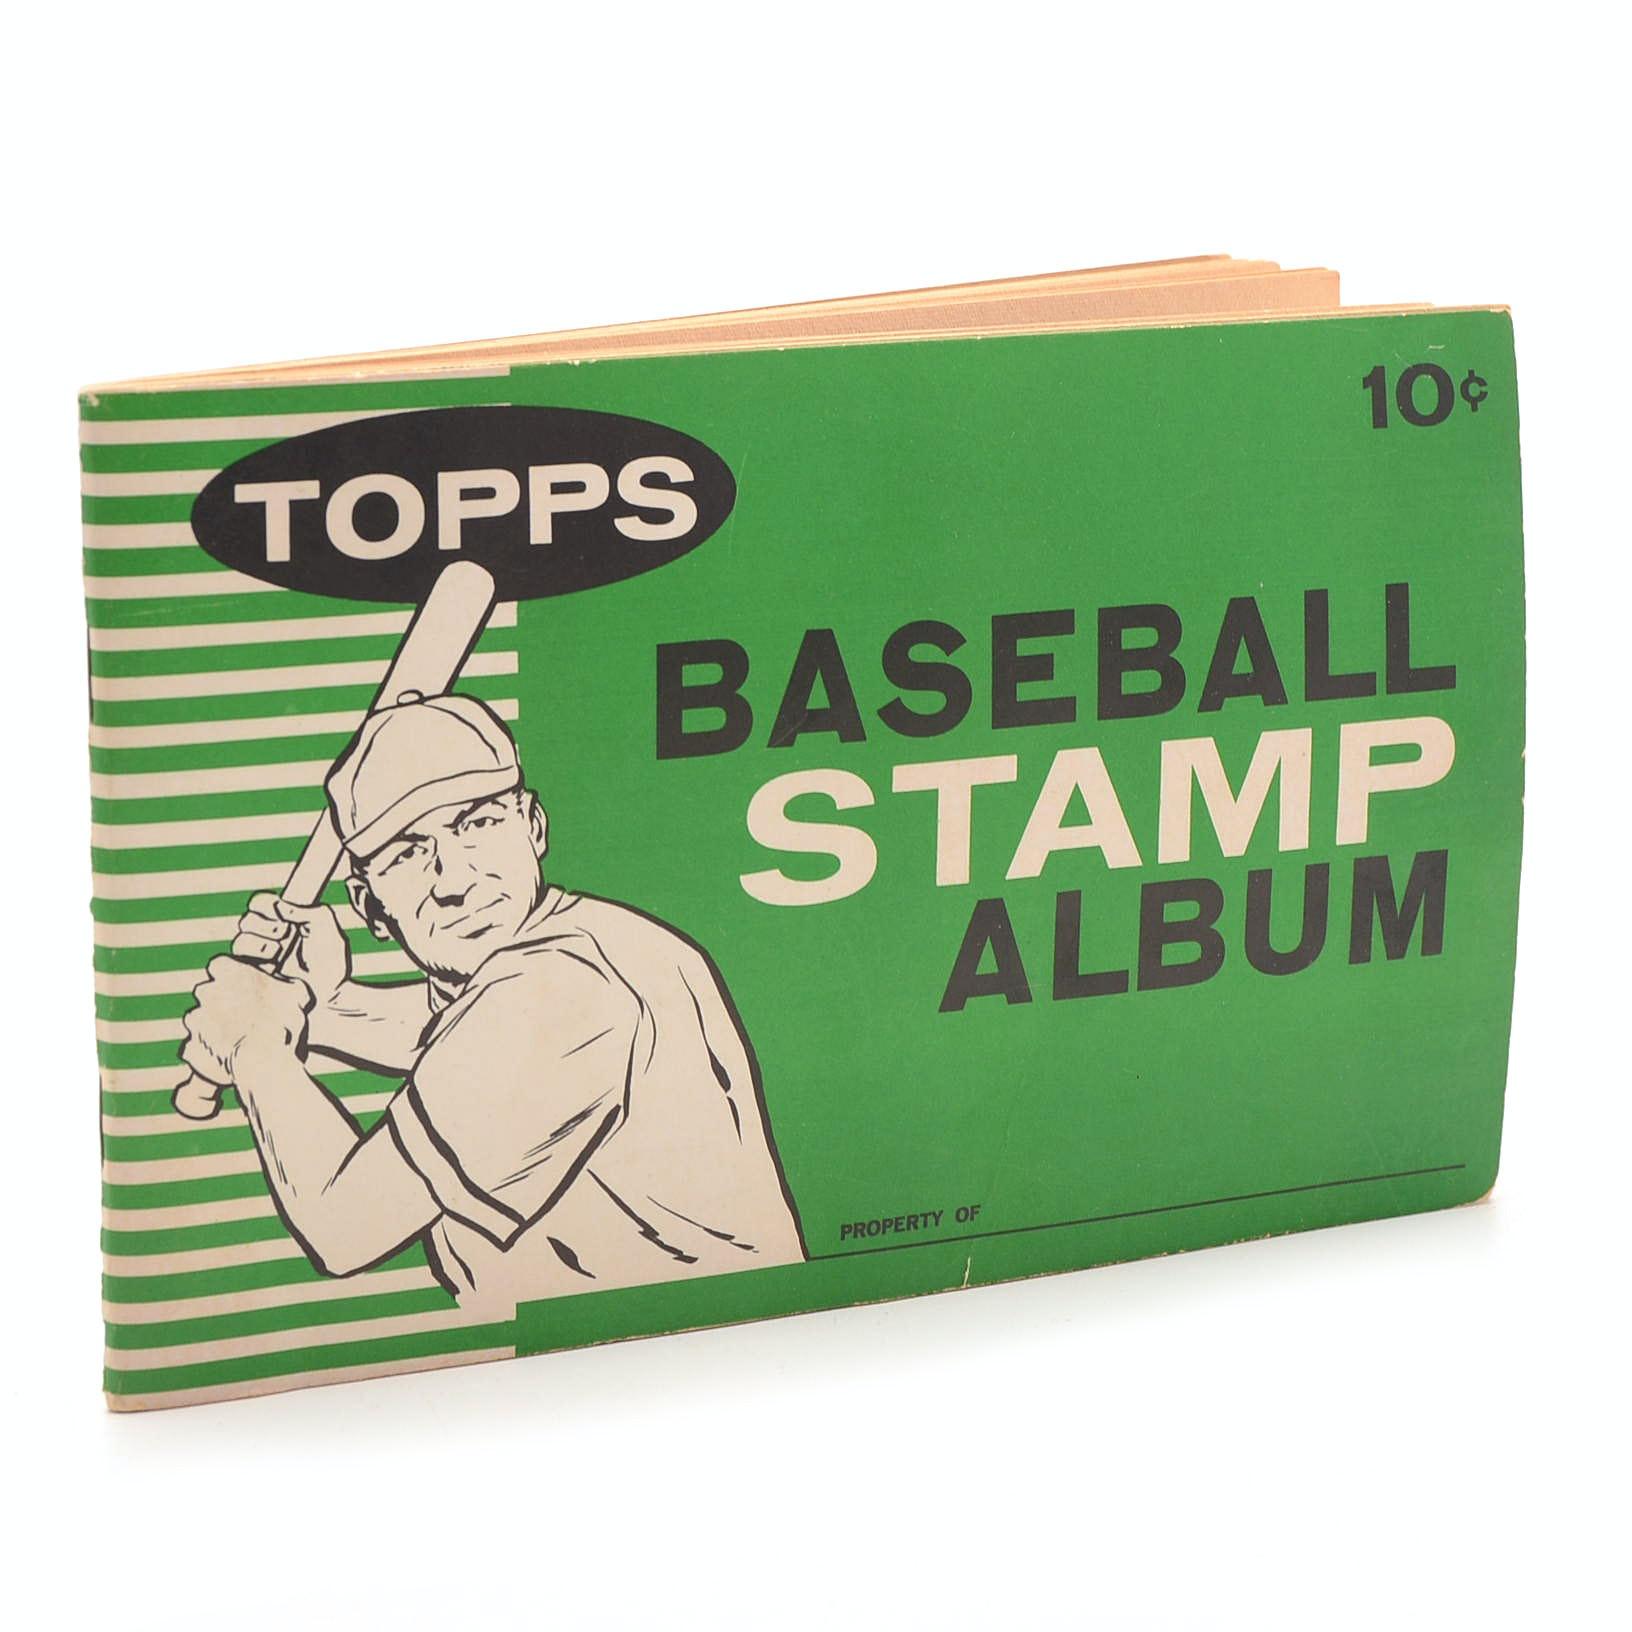 1961 Topps Baseball Stamp Album